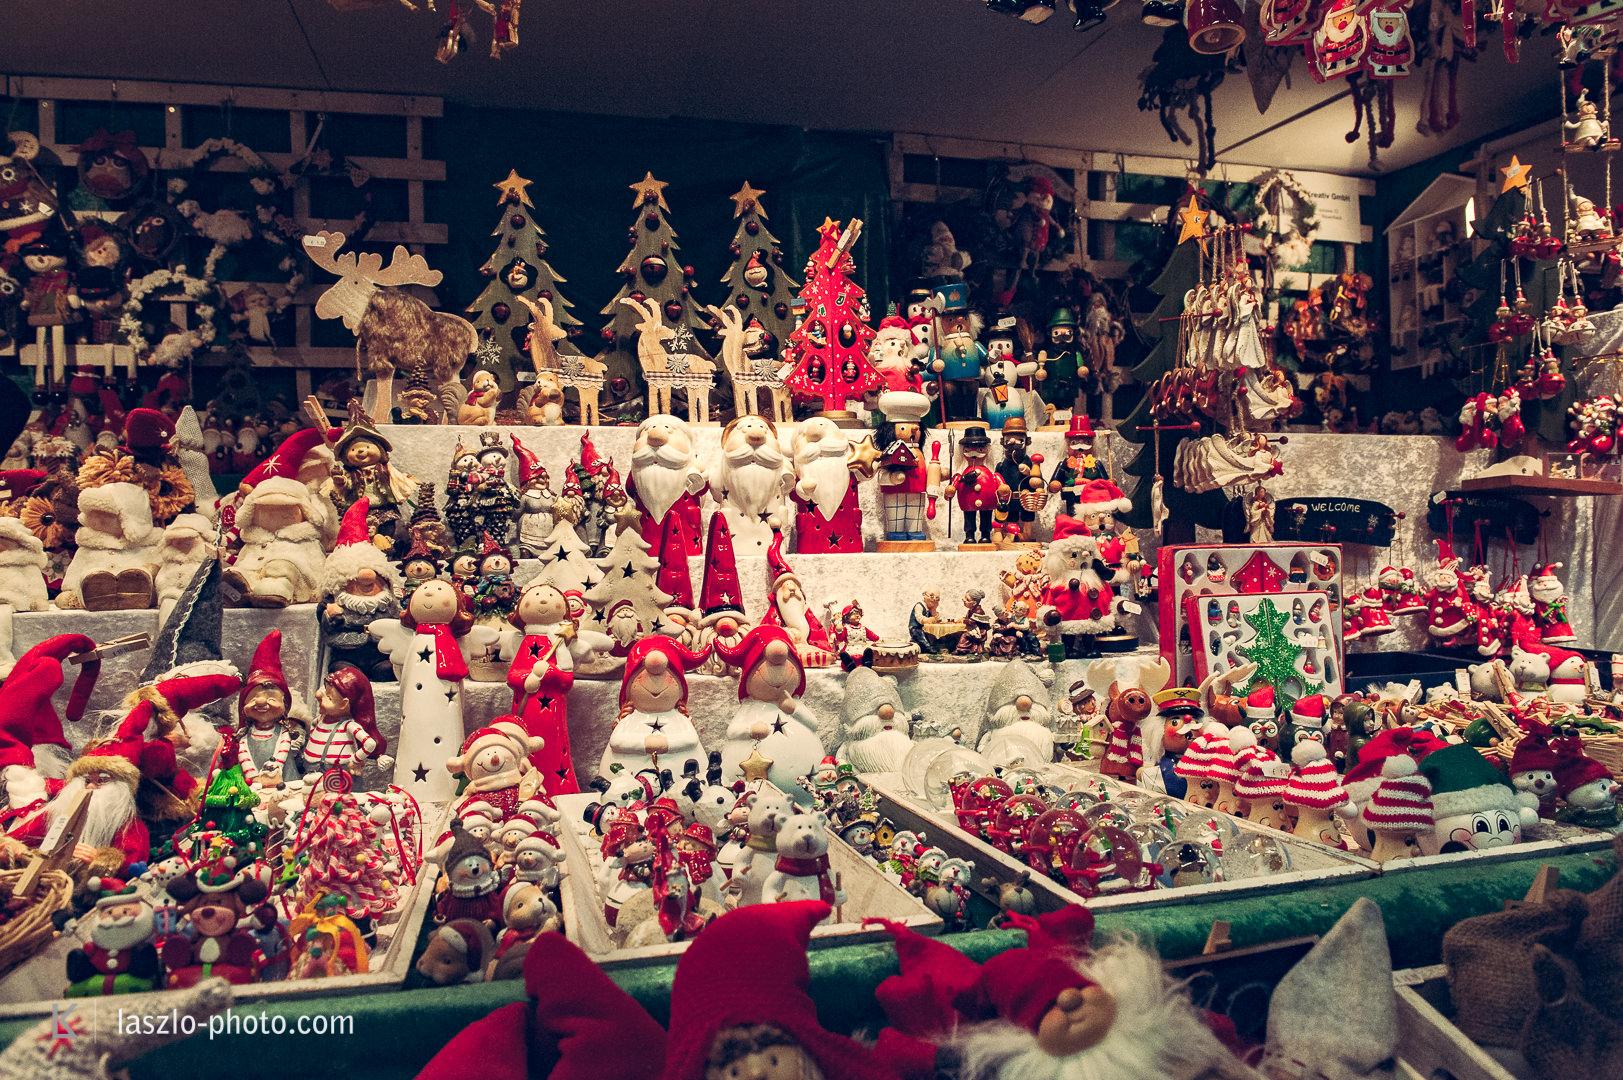 20161209_Weihnachten_Christkindlmarkt-4773